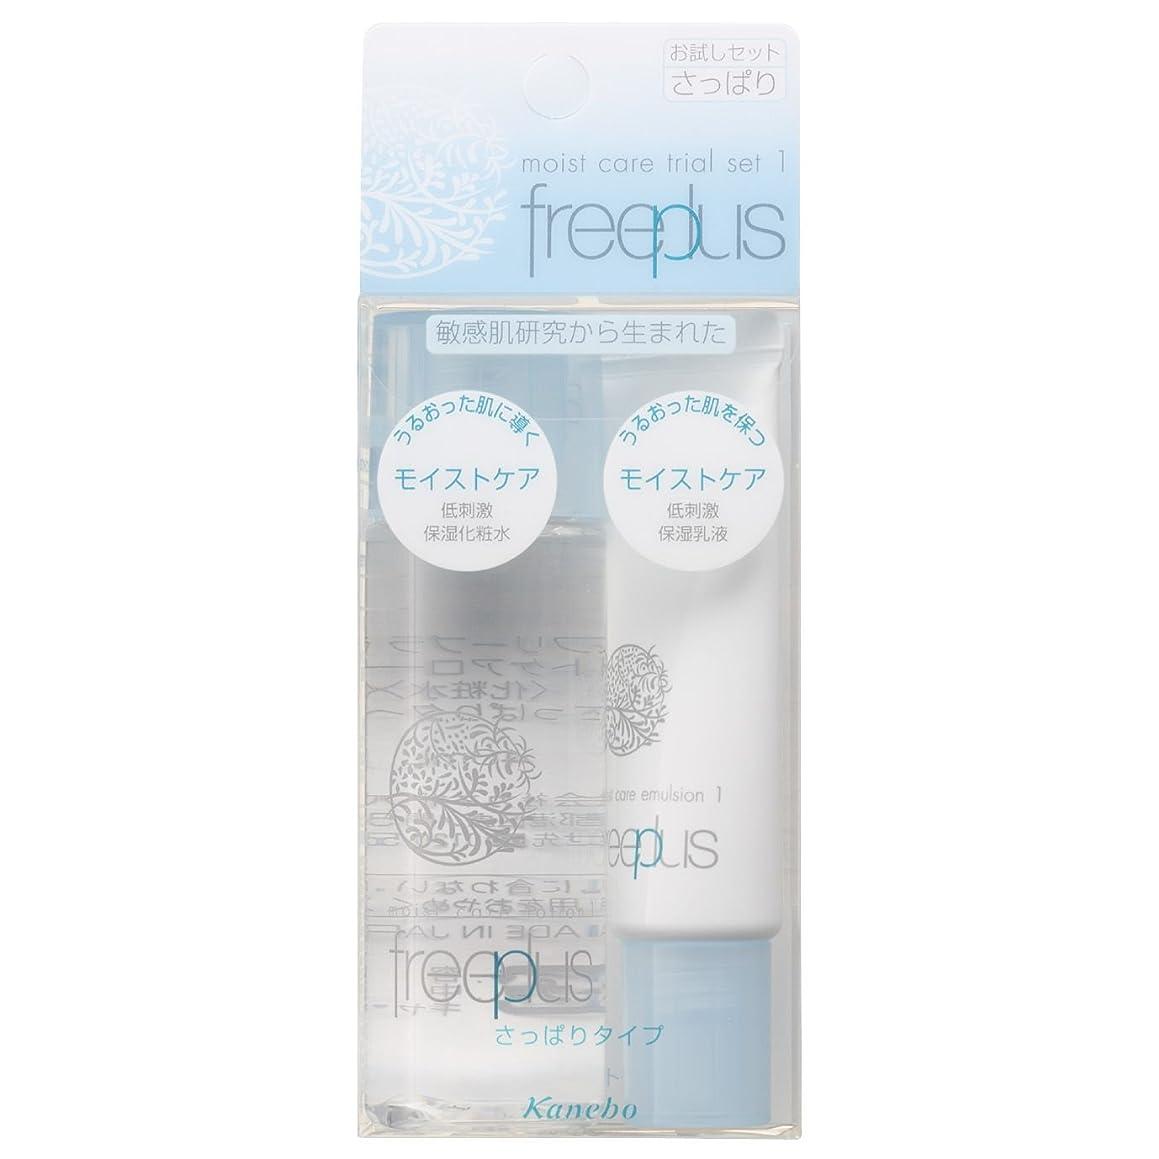 インタビューのヒープ確立しますフリープラス モイストケアトライアルセット1(さっぱりタイプ 乳液?化粧水)